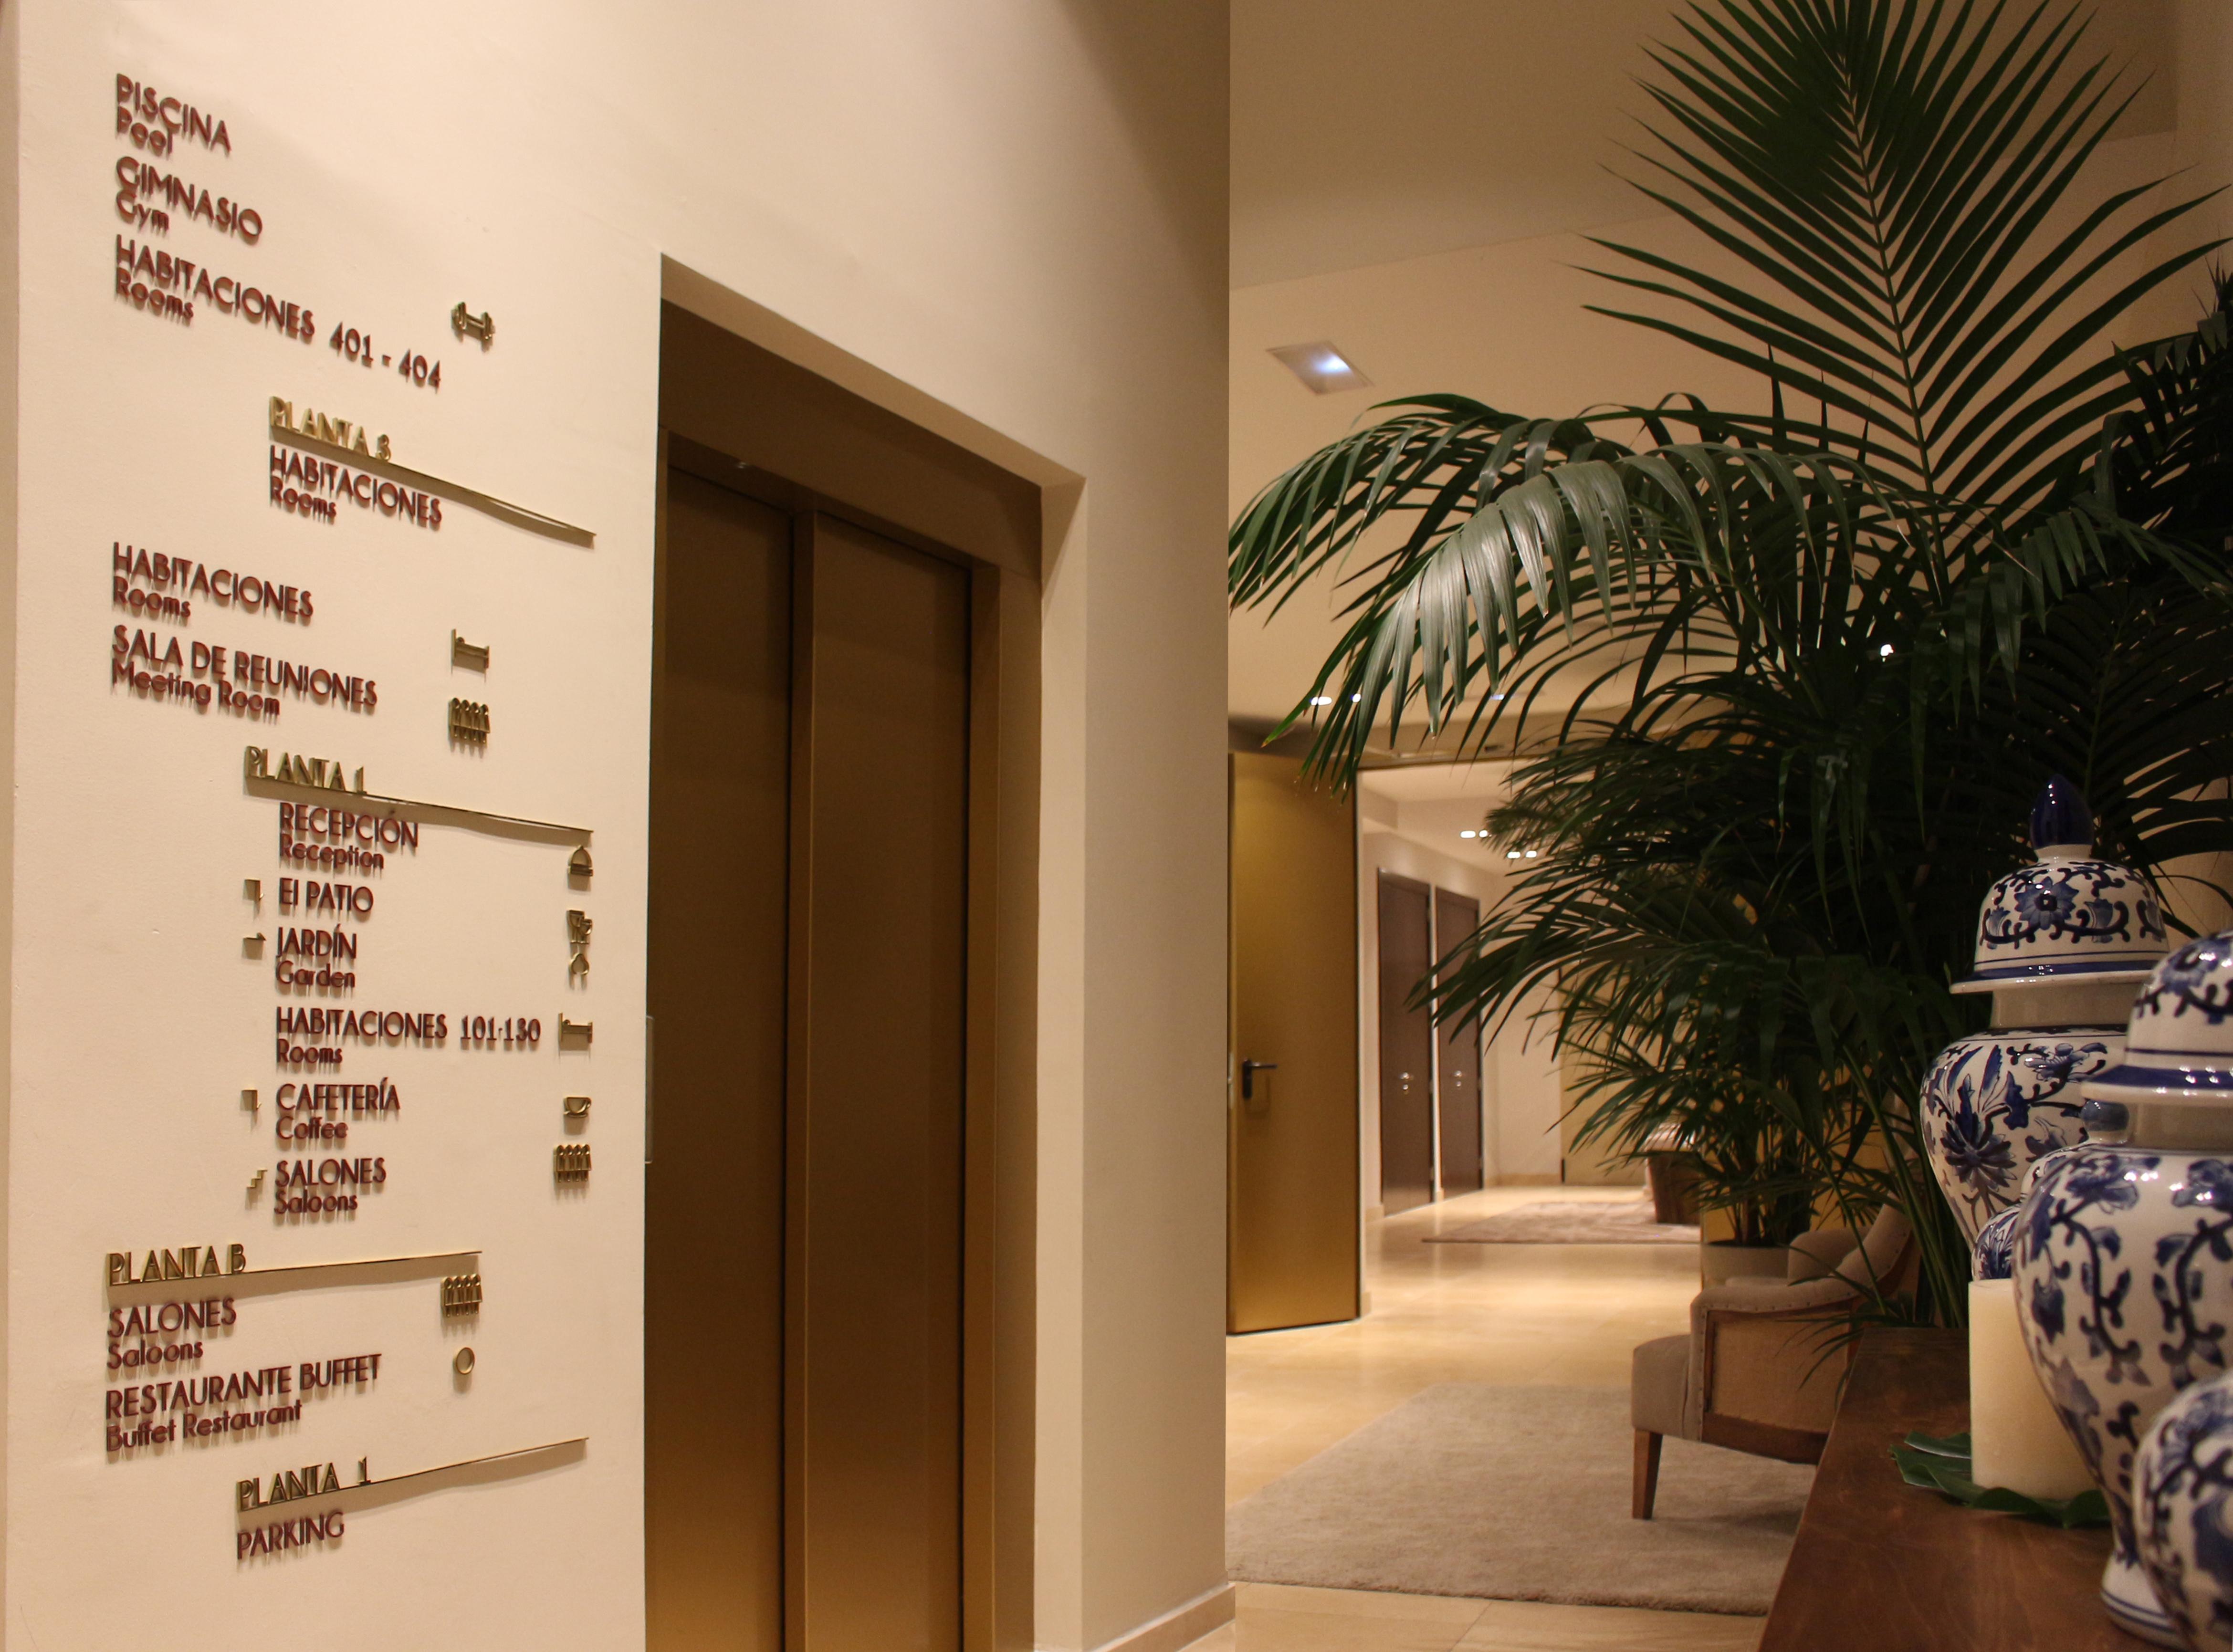 Señalización integral y decoración de La Laguna Gran Hotel.